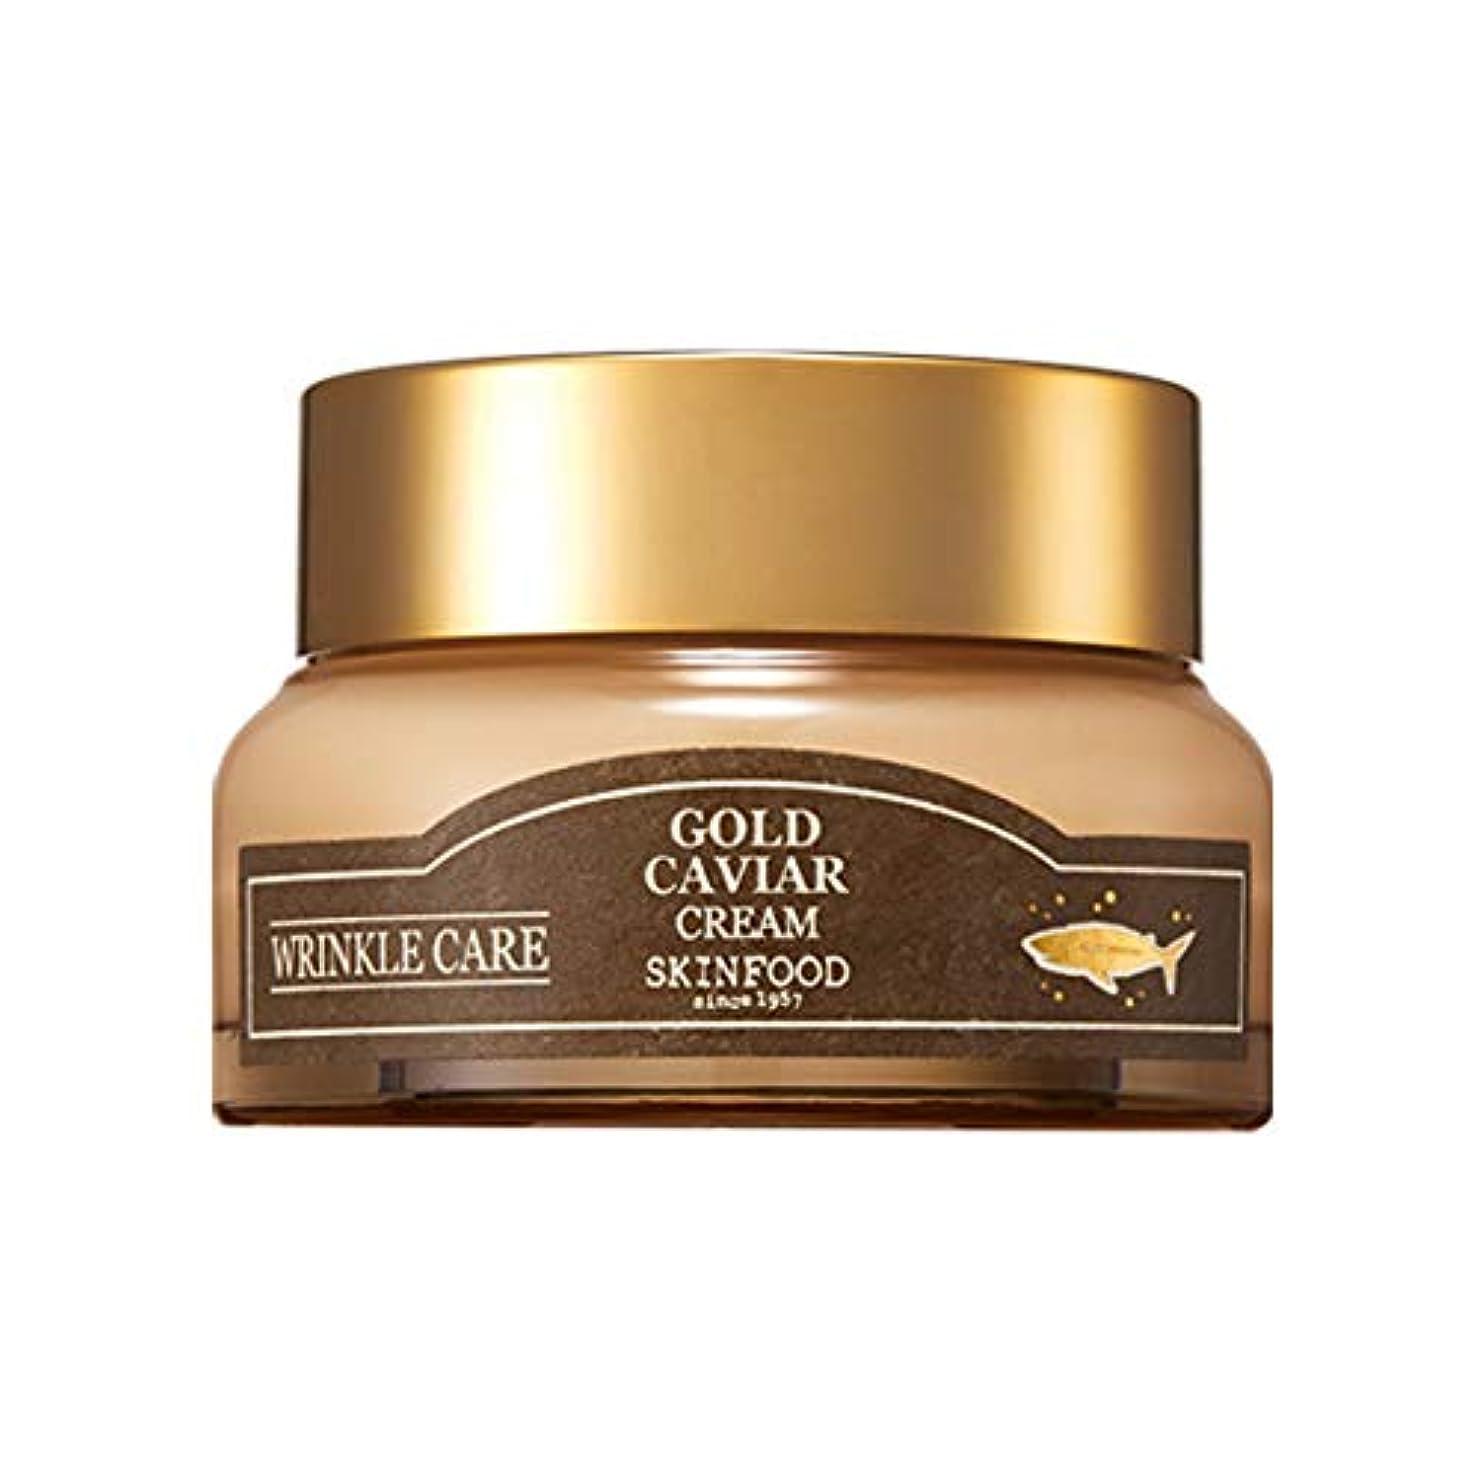 レモン本能復活Skinfood ゴールドキャビアクリーム[しわケア用化粧品] / Gold Caviar Cream [Cosmeceutical for wrinkle care] 54ml [並行輸入品]